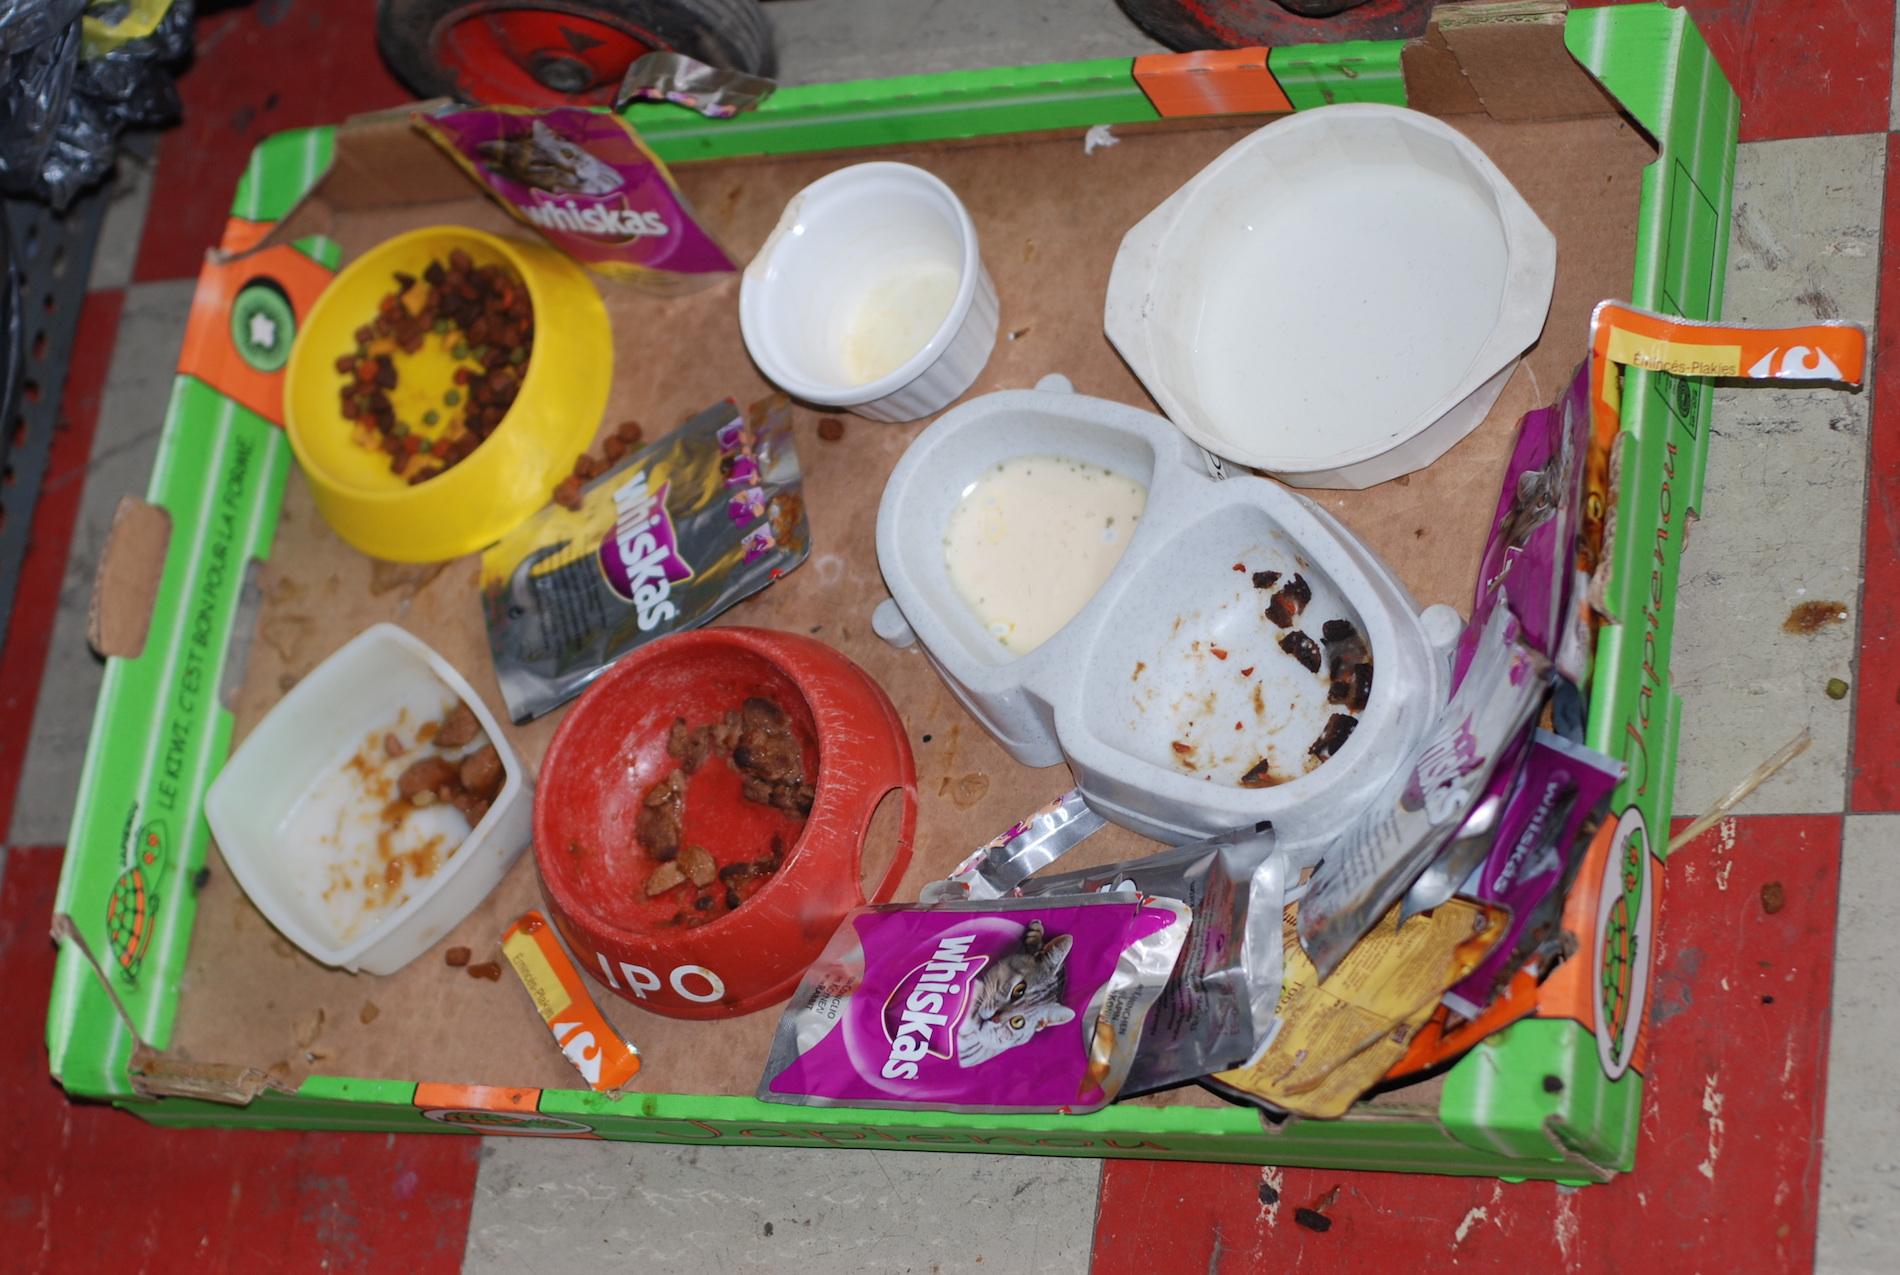 En Pipo,de poes krijgt ondertussen genoeg te eten.